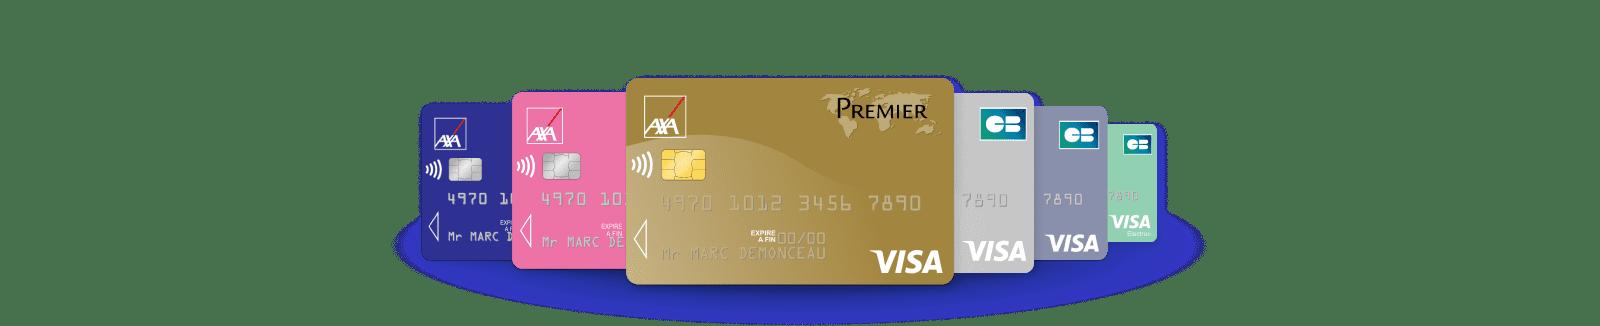 Carte Bancaire Moins De 18 Ans.Cartes Bancaires Cartes De Paiement Axa Banque